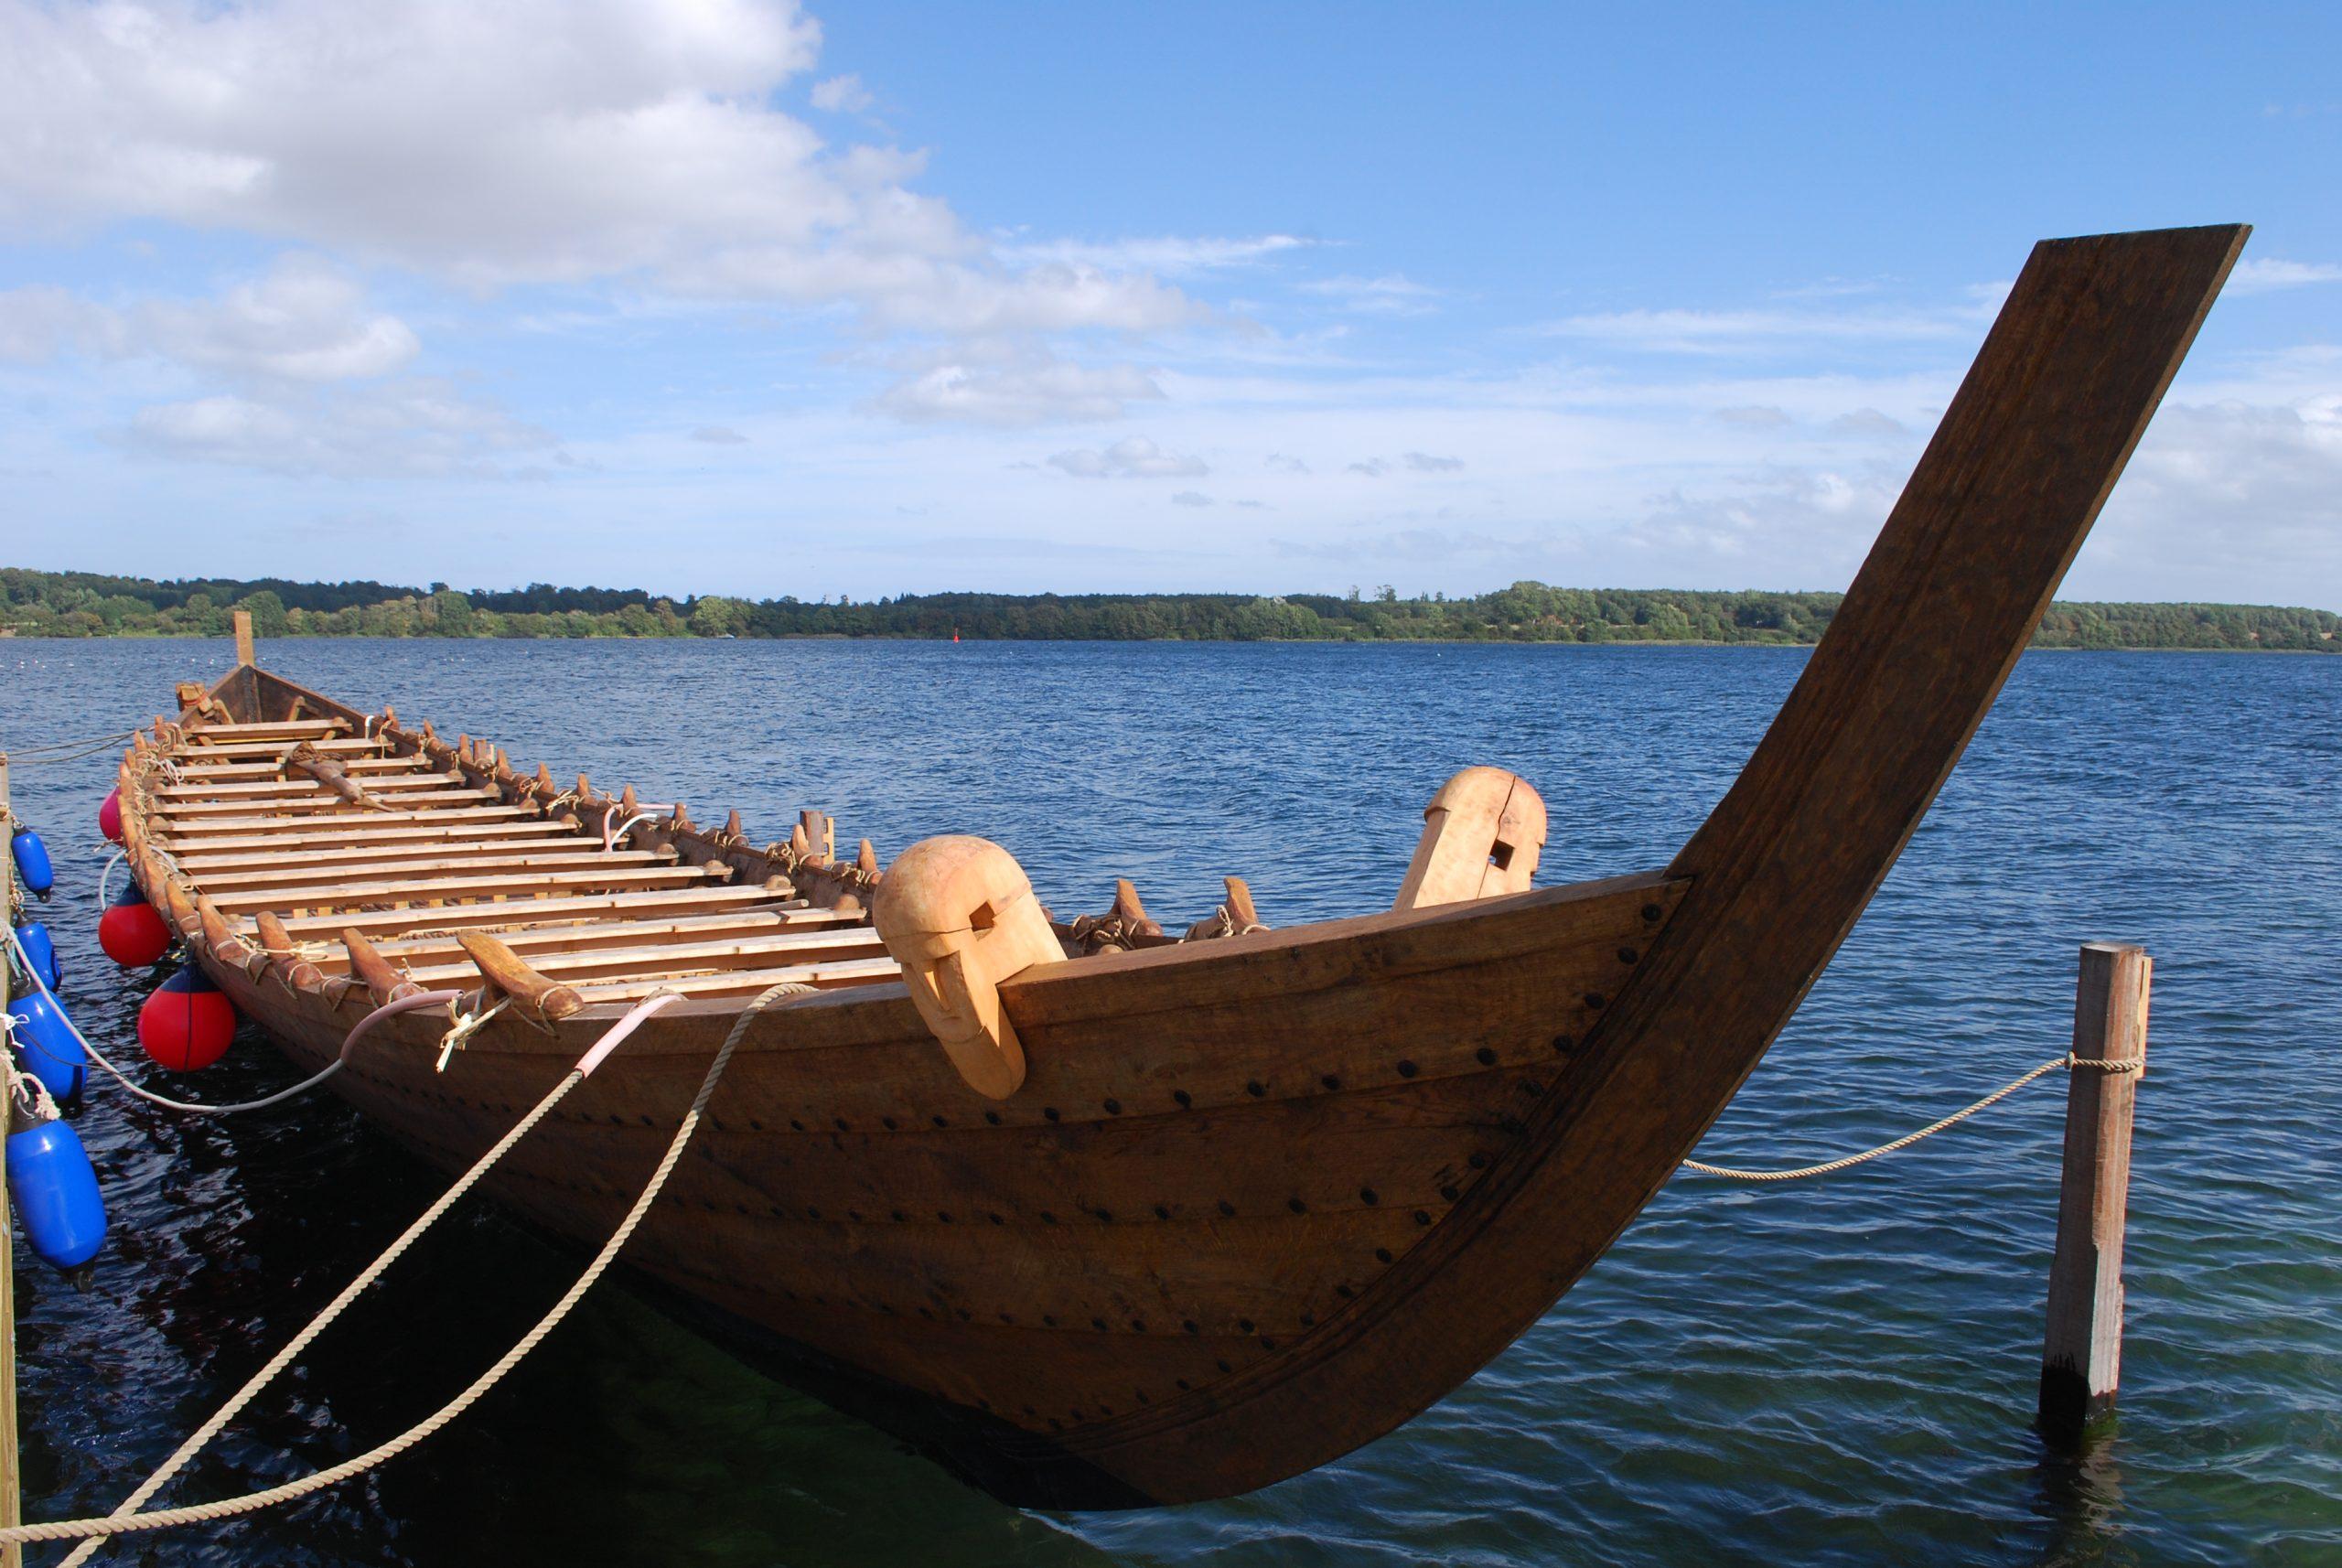 Ein neues Ruderboot aus Holz in einem Fyord.